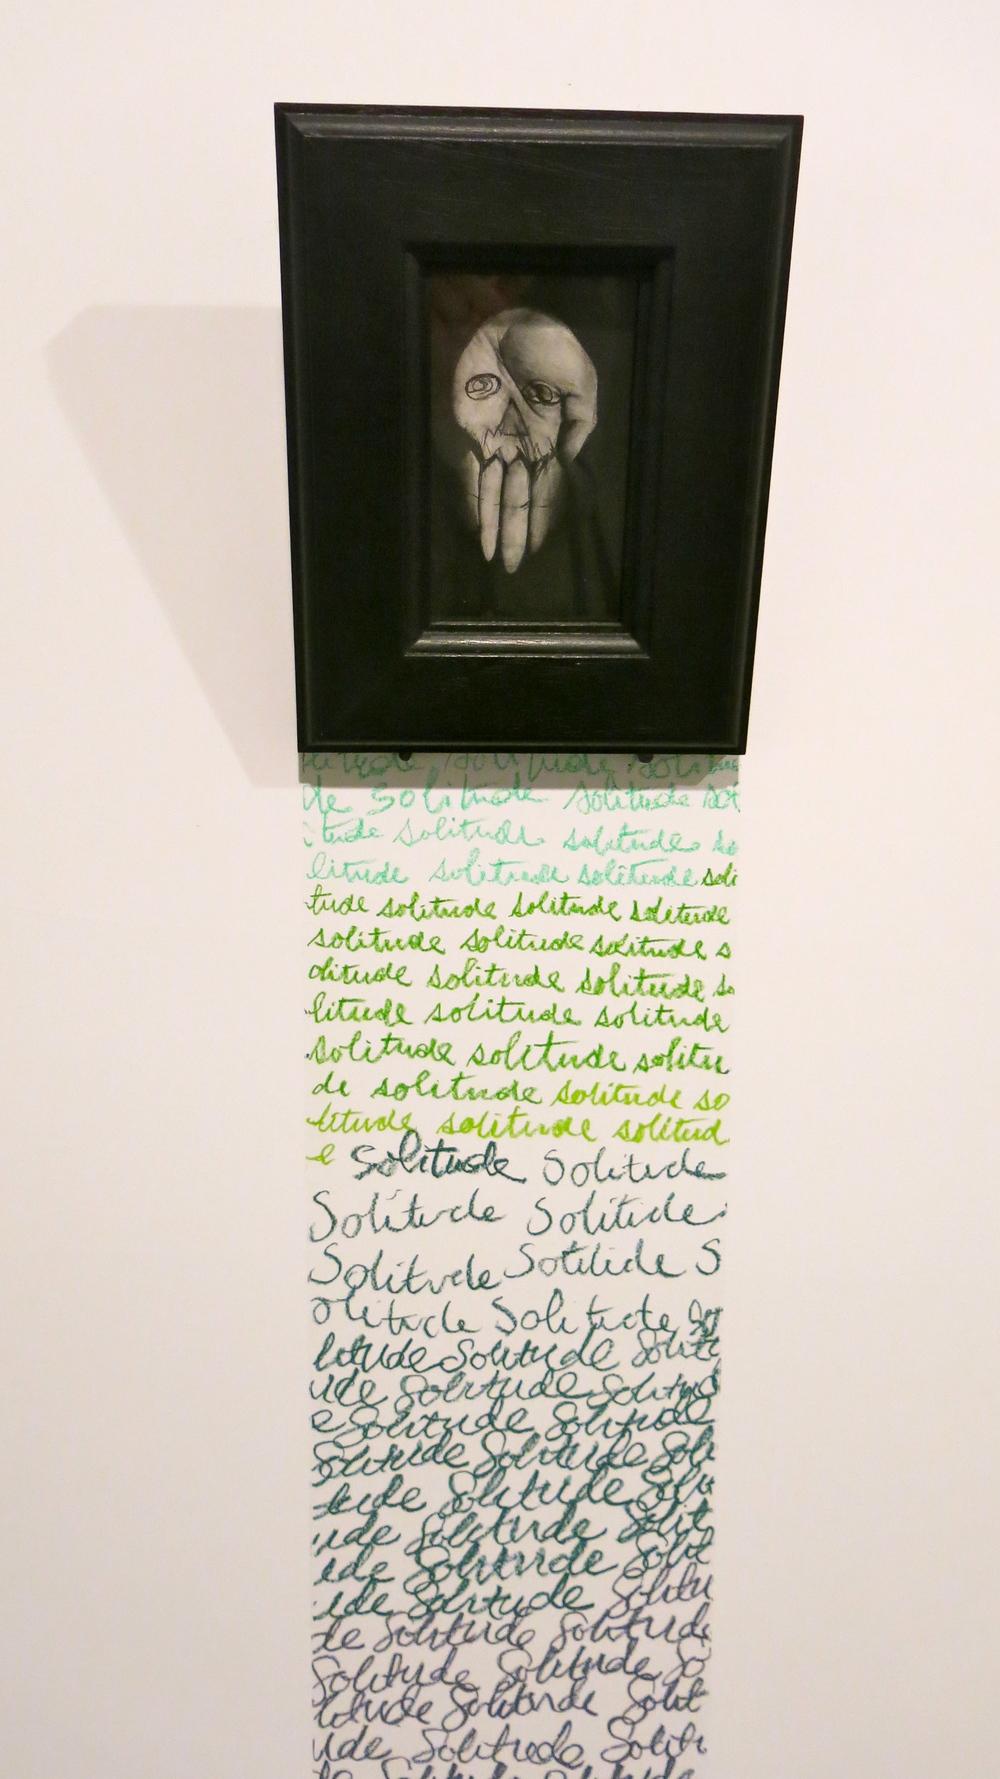 Lignes de la main,1988 (detail).